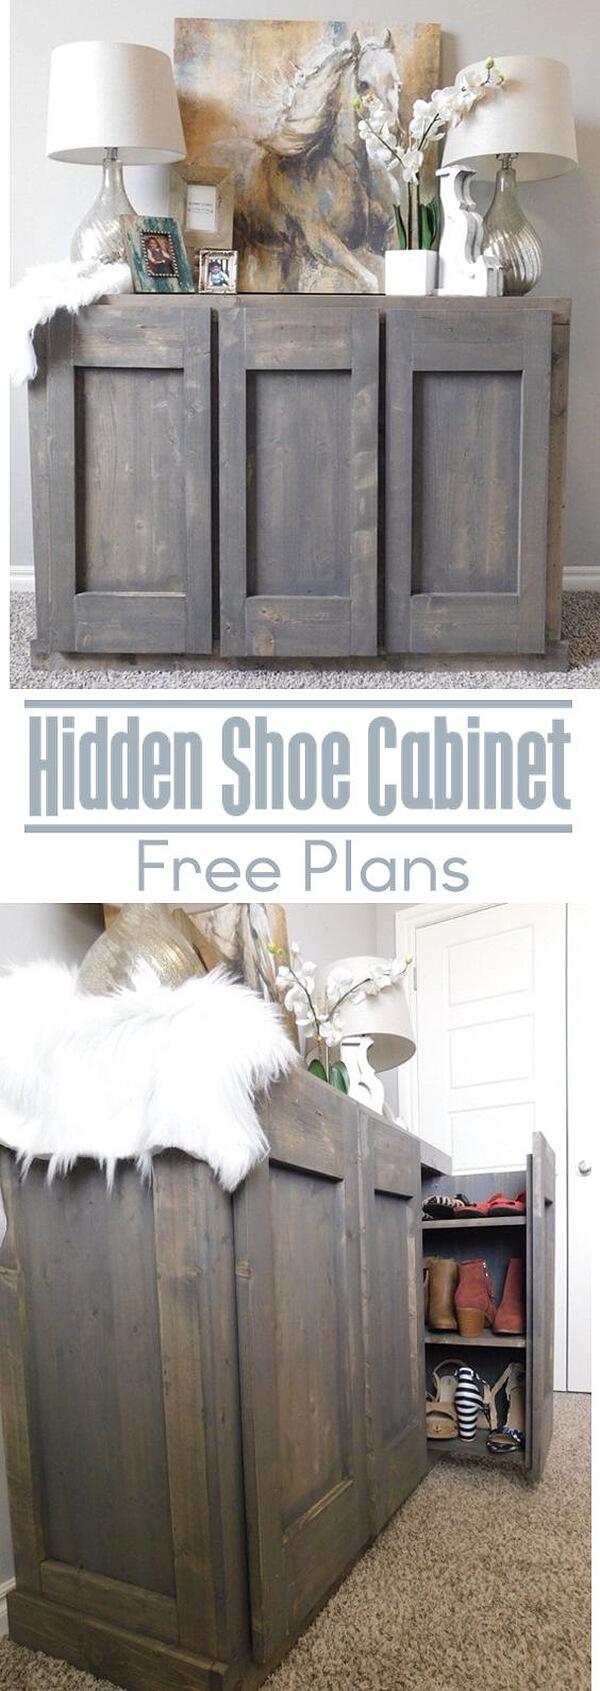 Cabinet With Hidden Shoe Rack